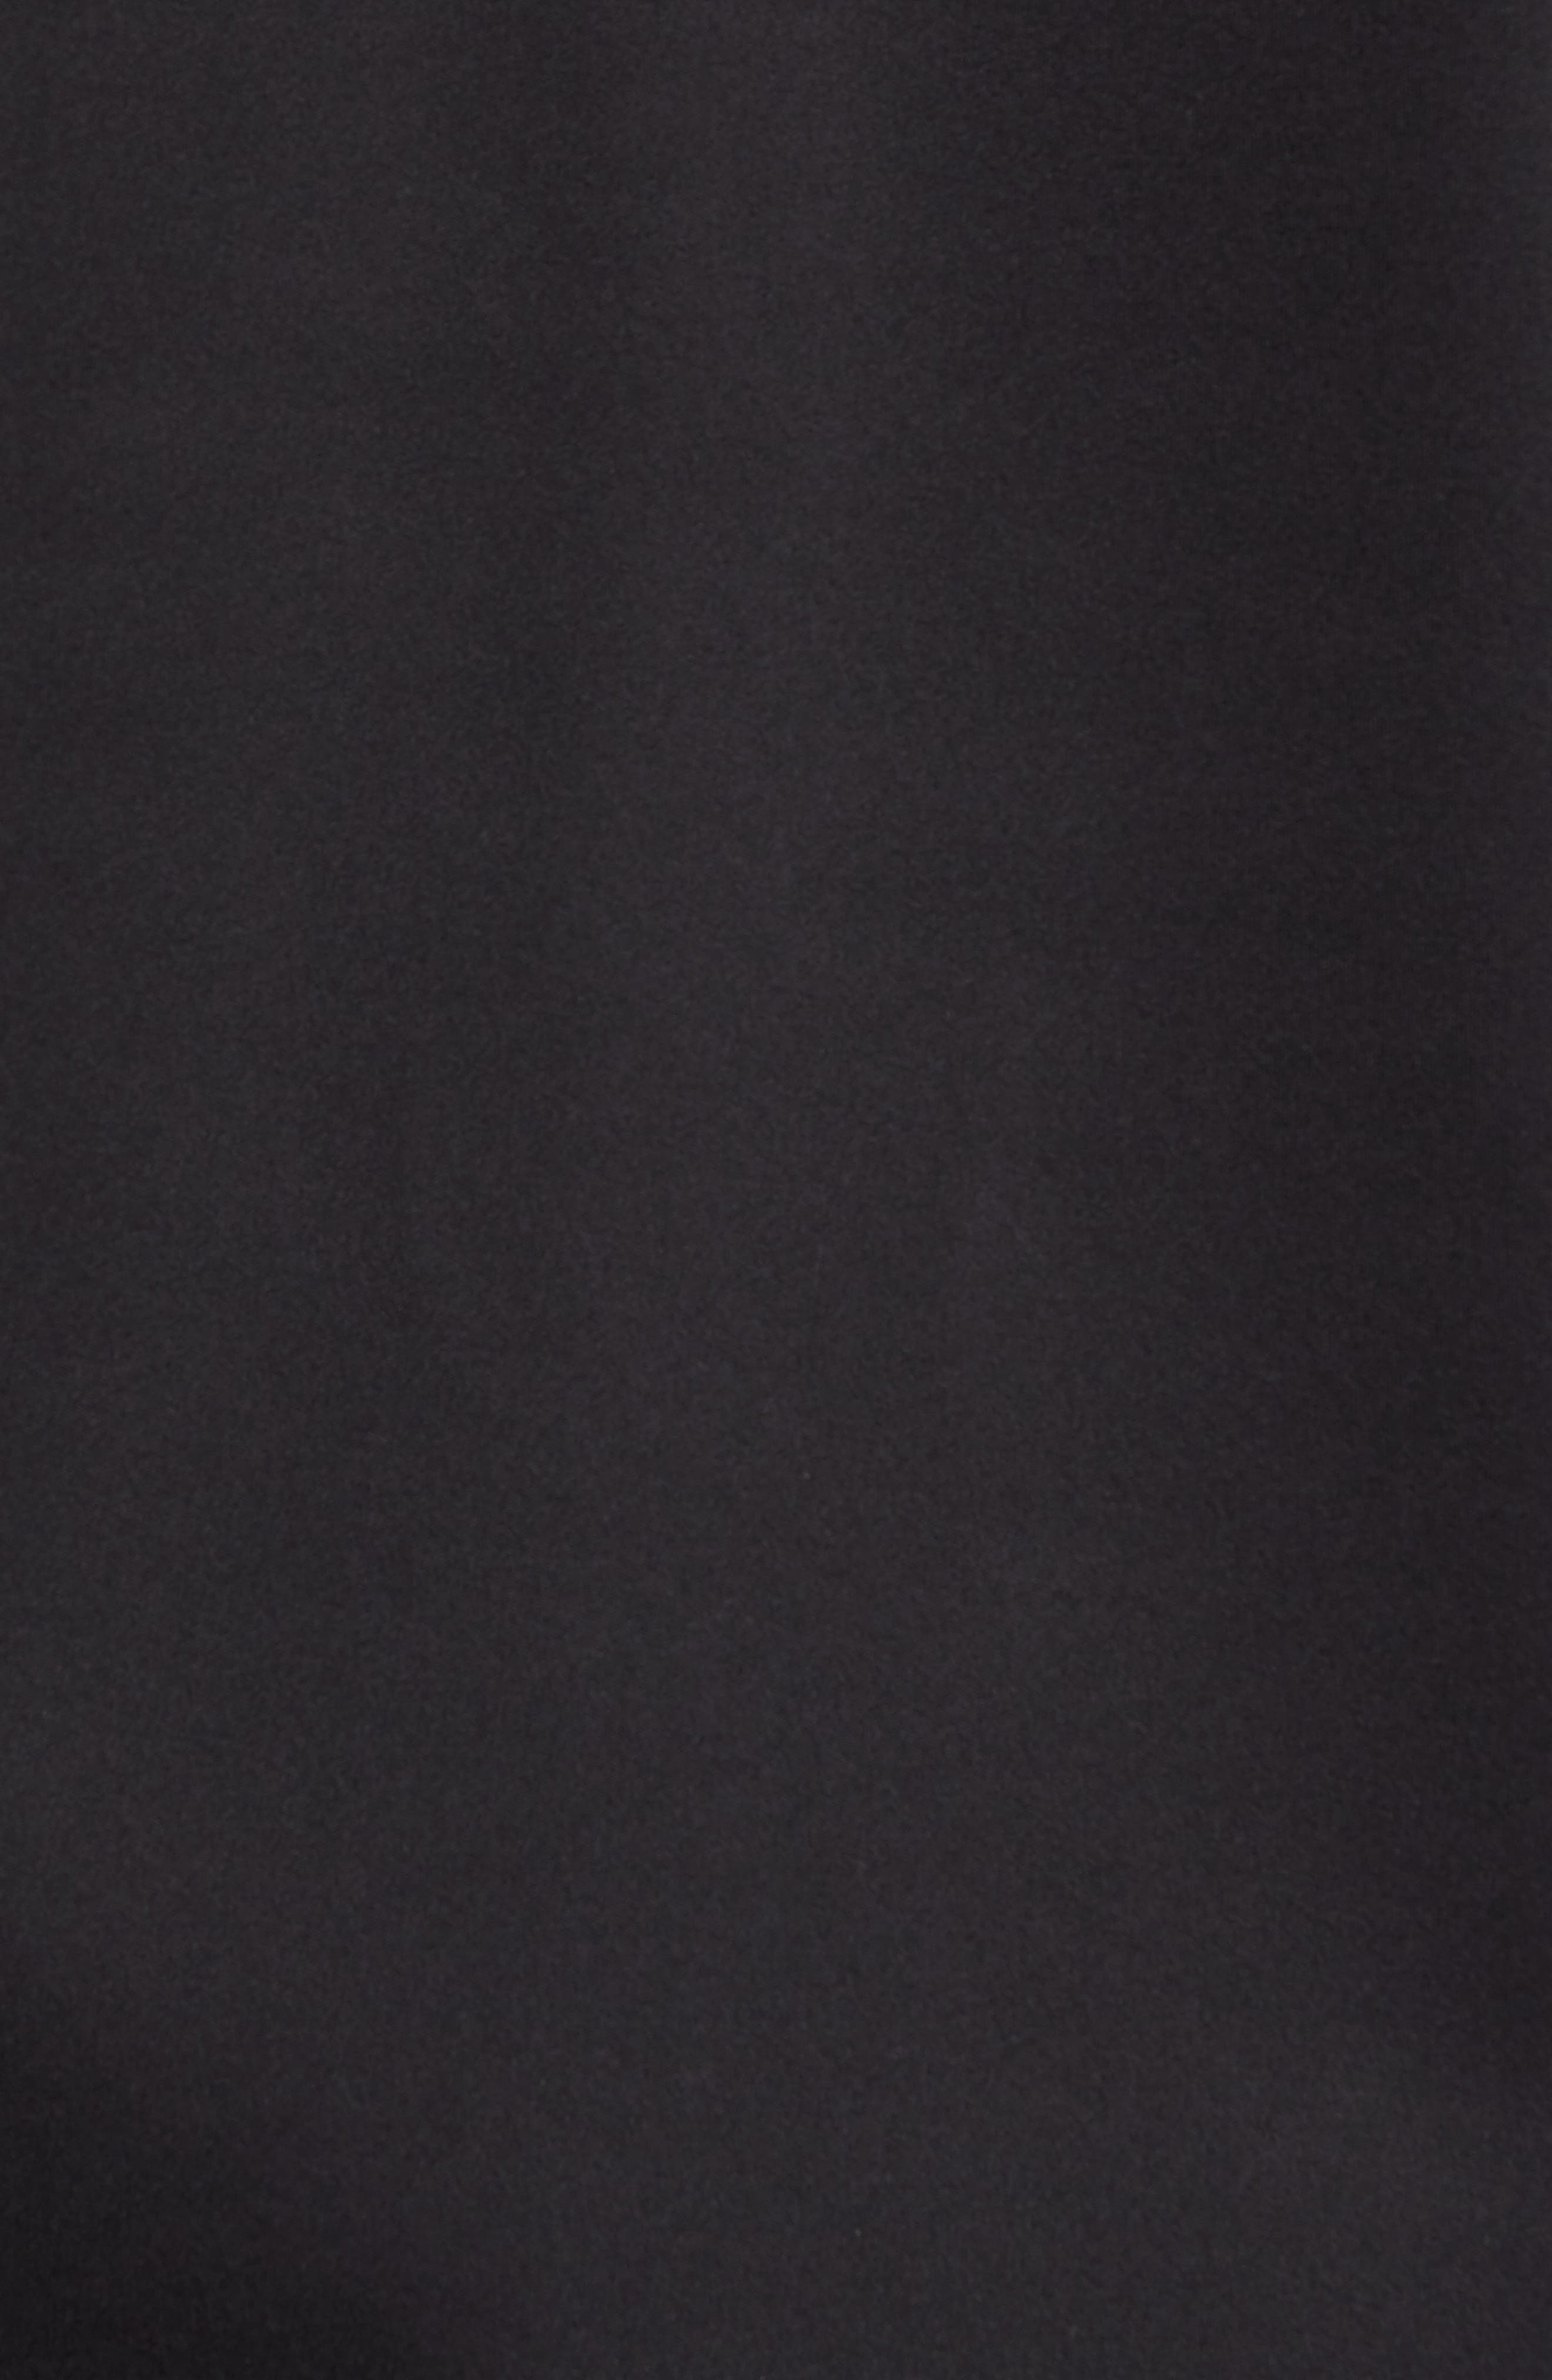 THE NORTH FACE, Apex Risor Jacket, Alternate thumbnail 6, color, BLACK/ BLACK